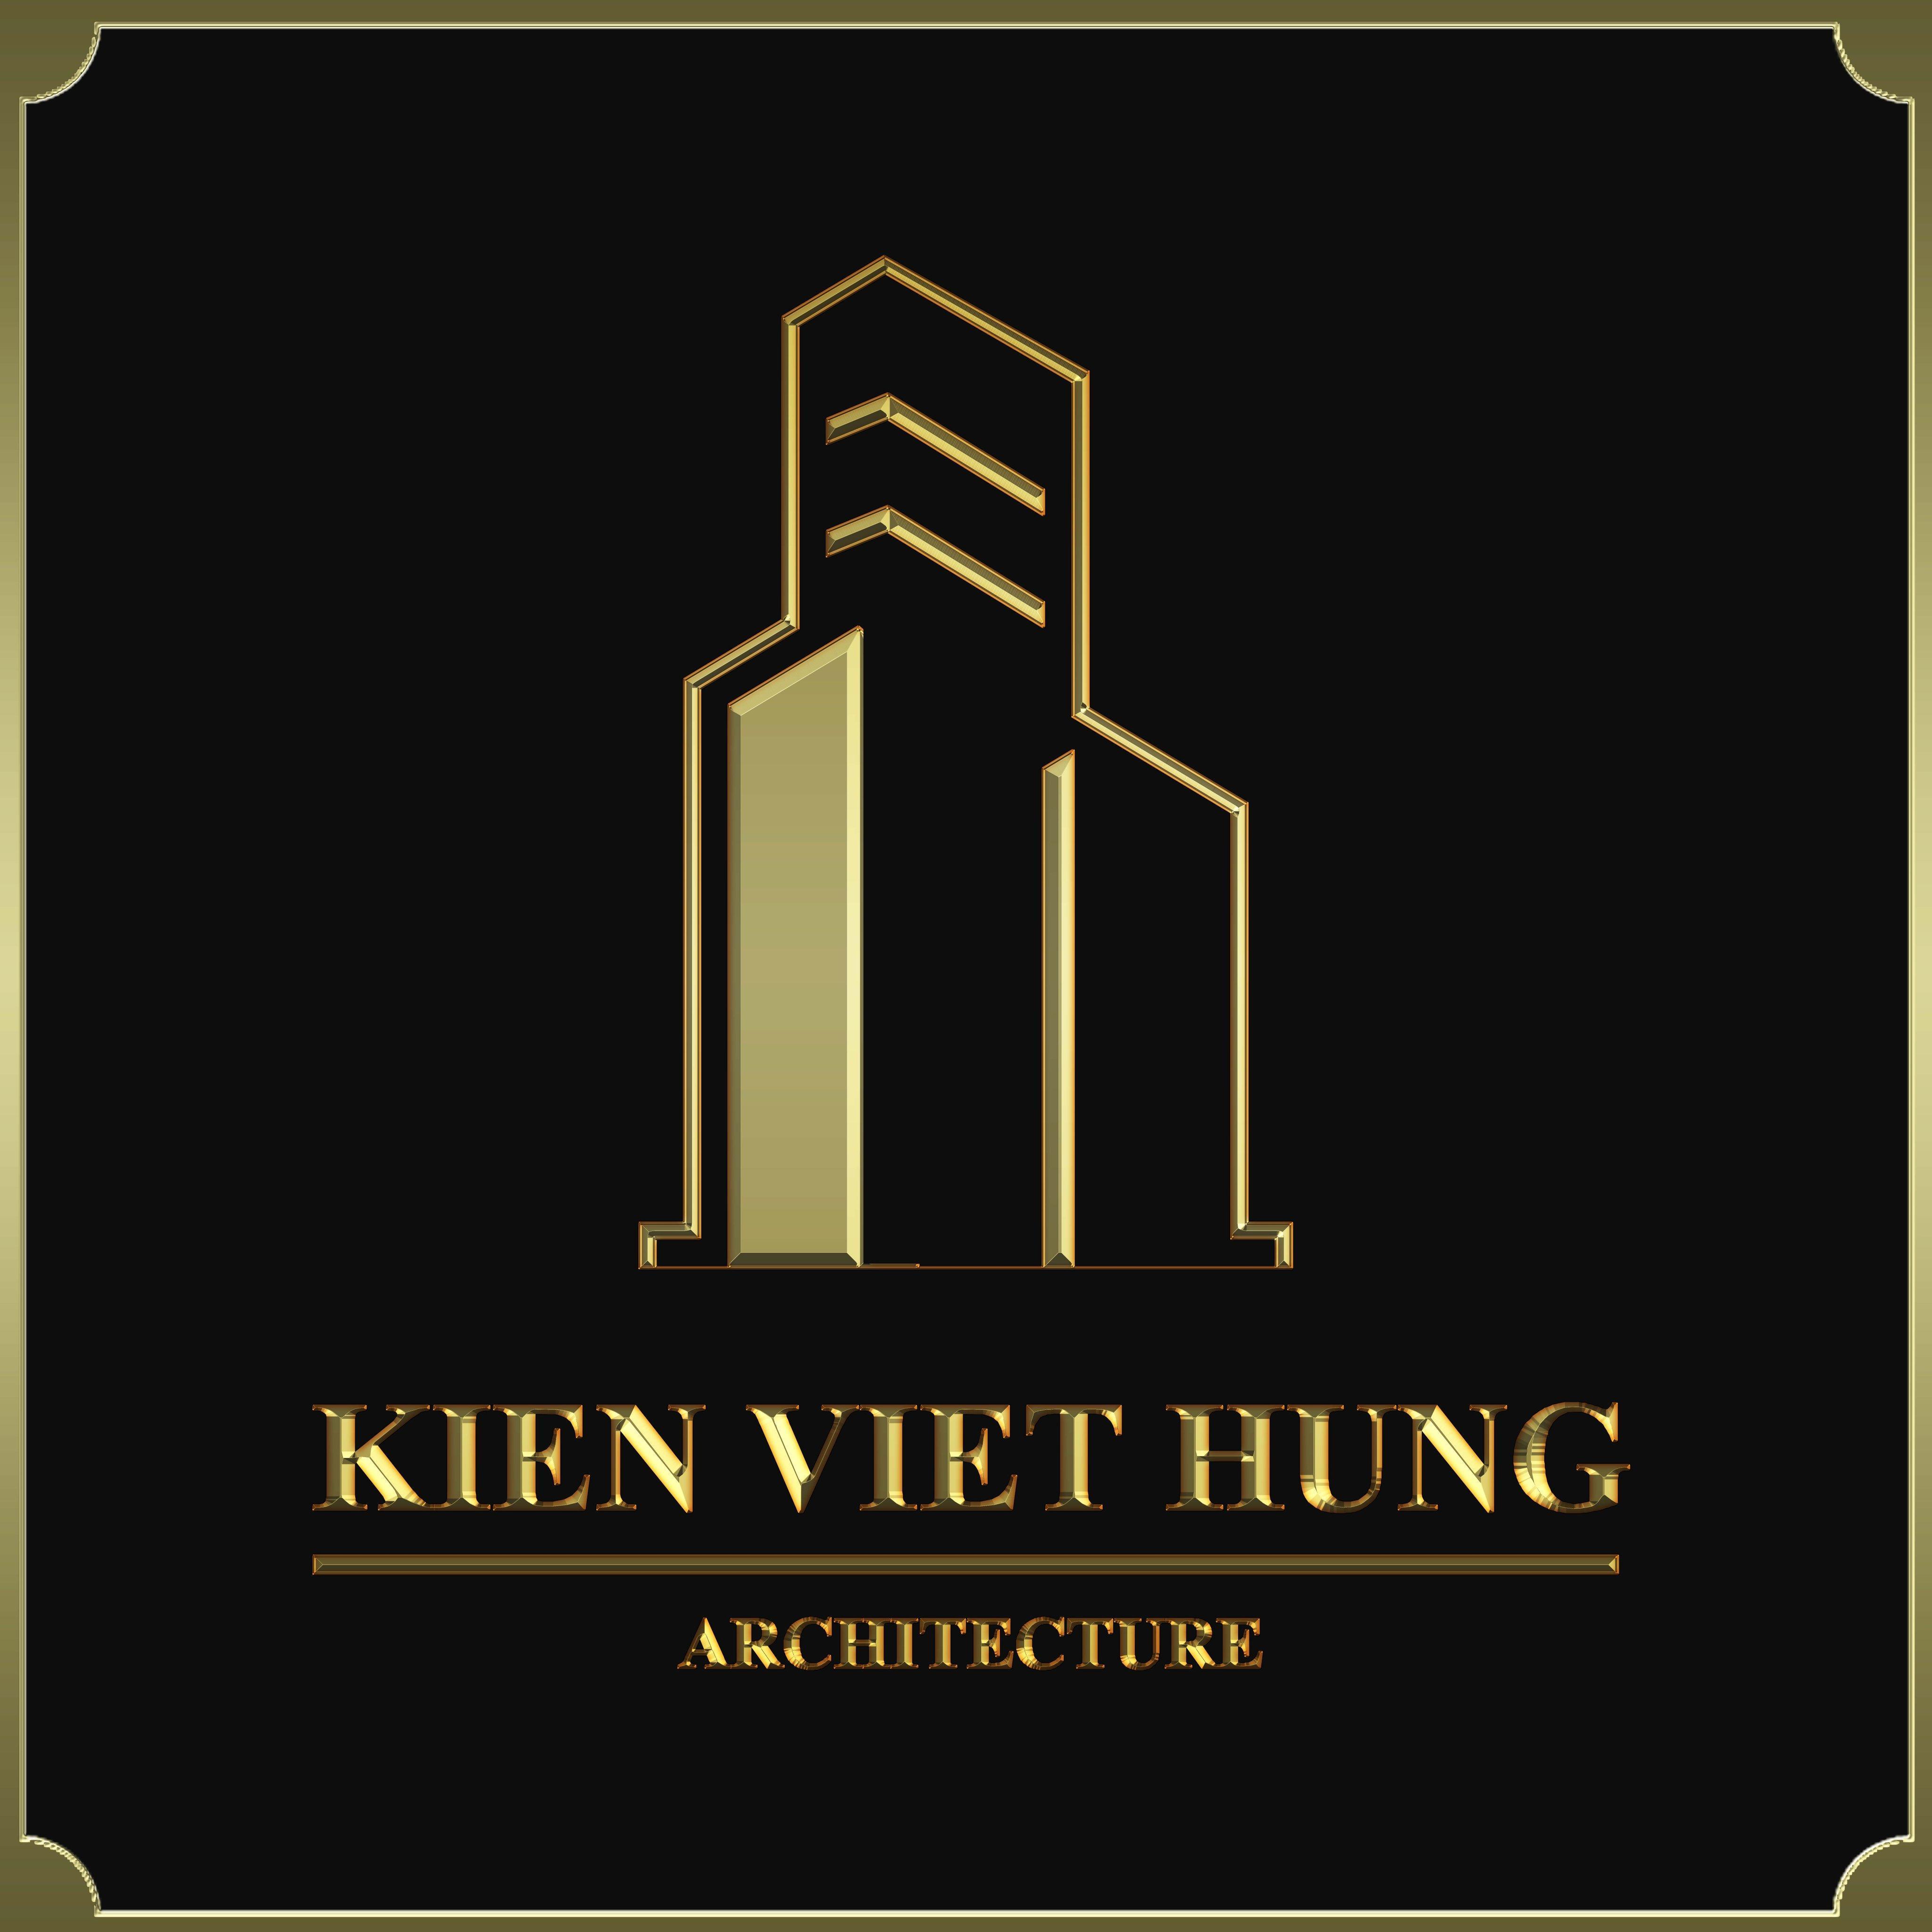 Kiến Việt Hưng